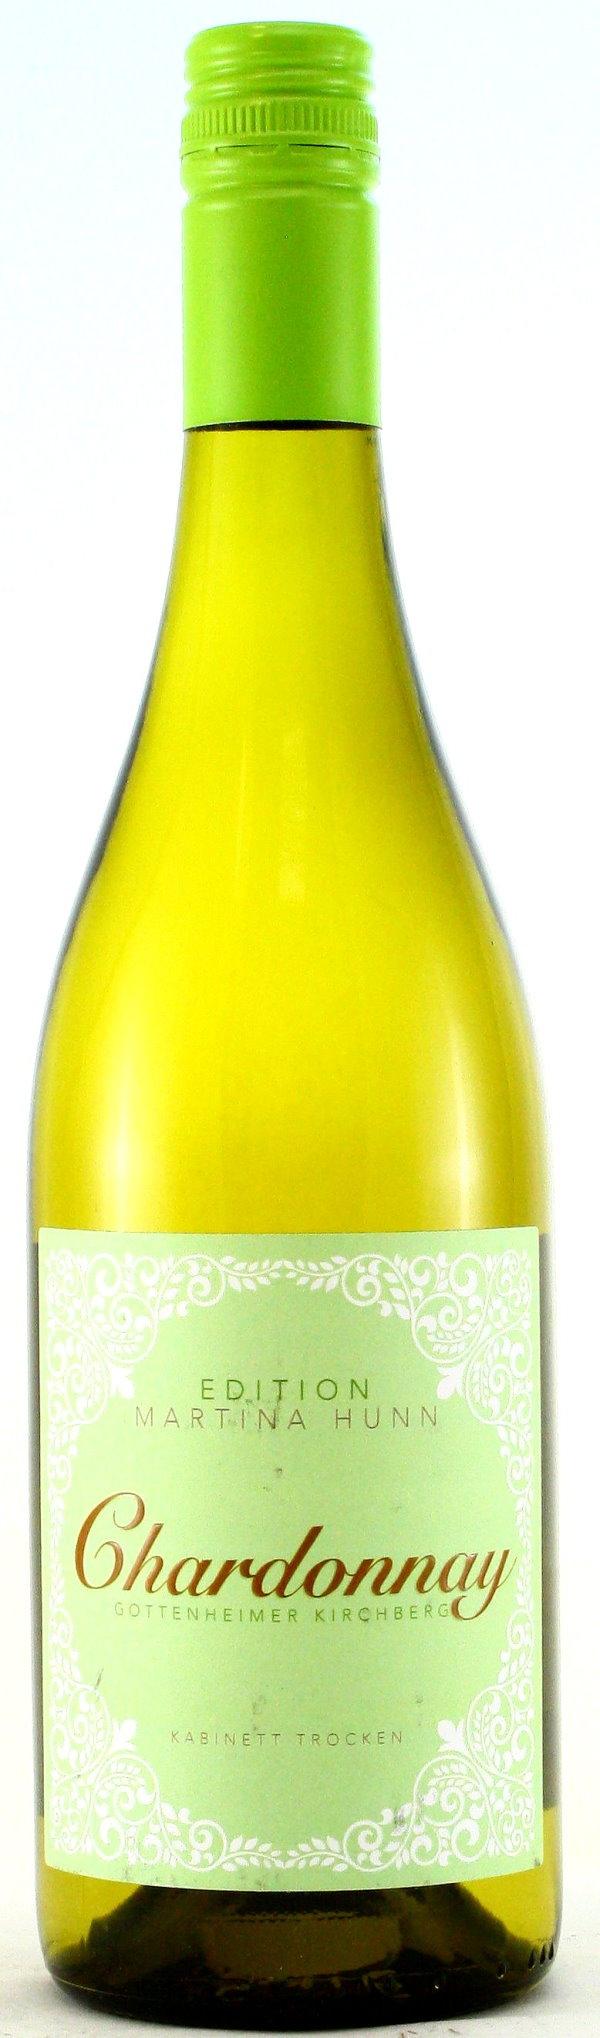 Chardonnay Kabinett trocken, Martina Hunn